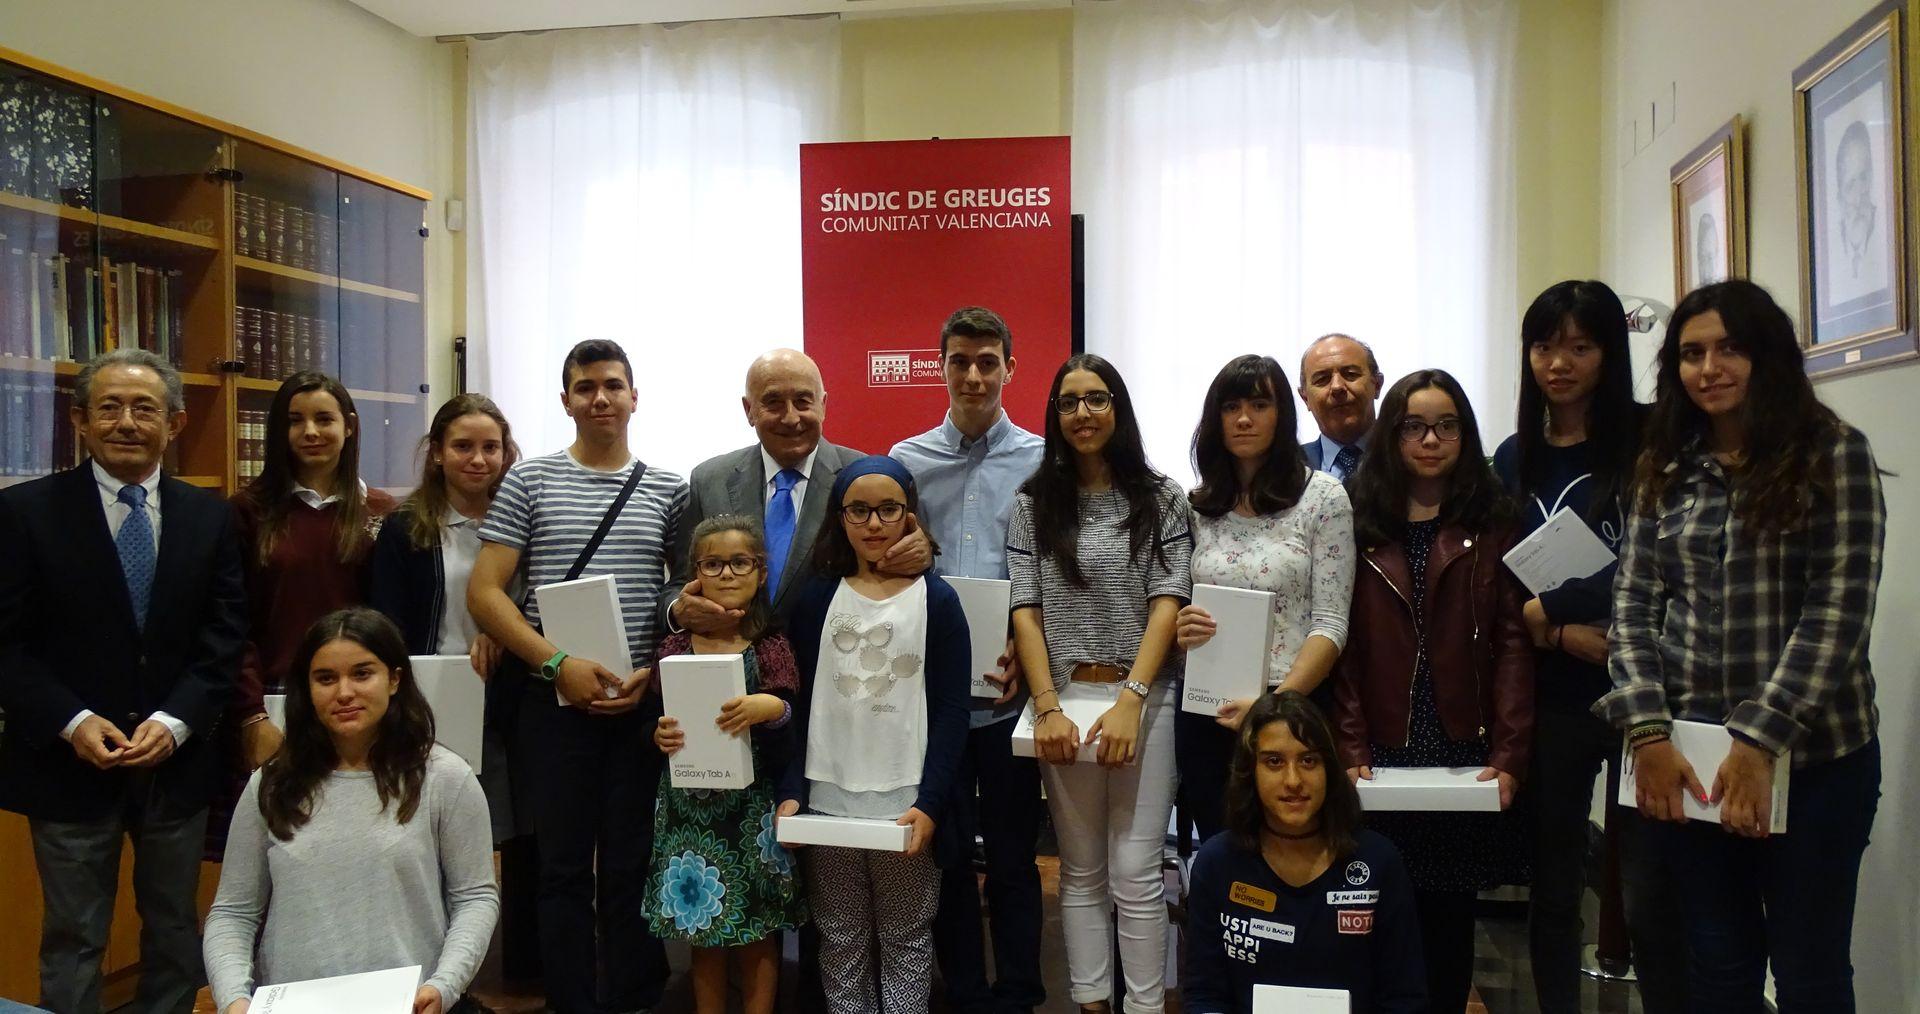 Entrega de premios de los concursos escolares Síndic de Greuges 2016